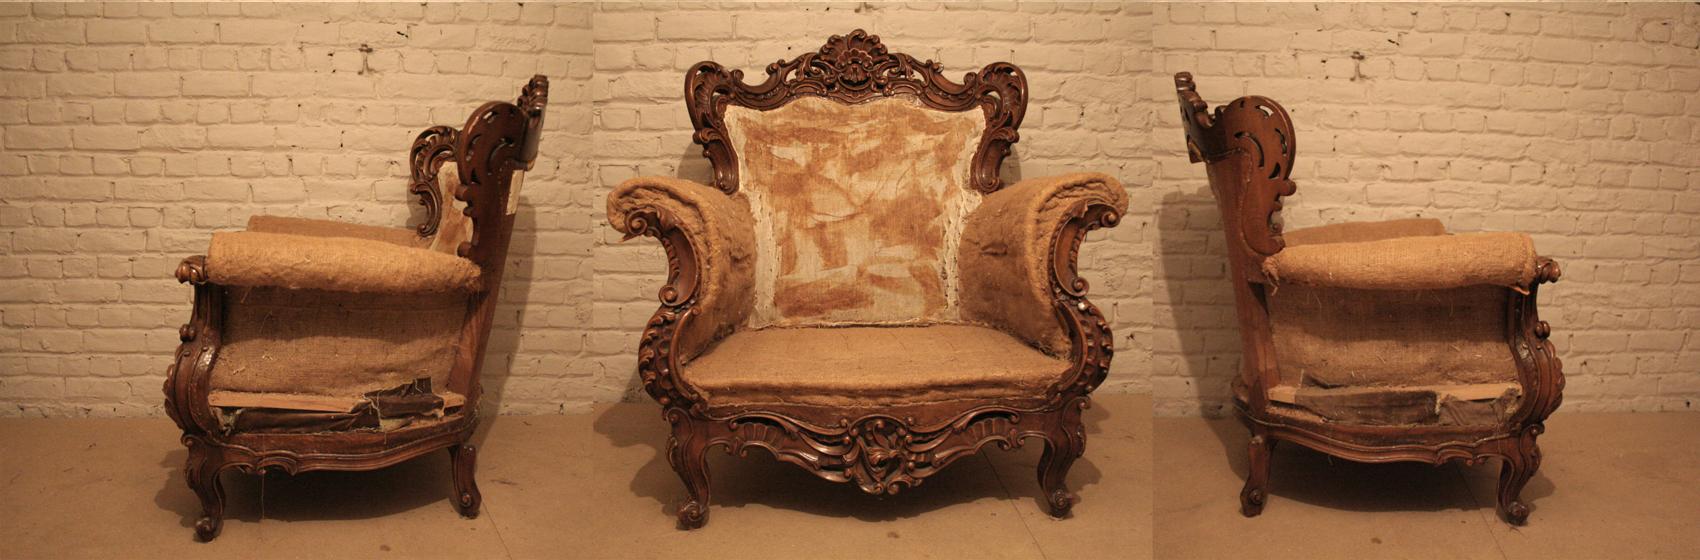 arkendai-fauteuil-etape2-1700